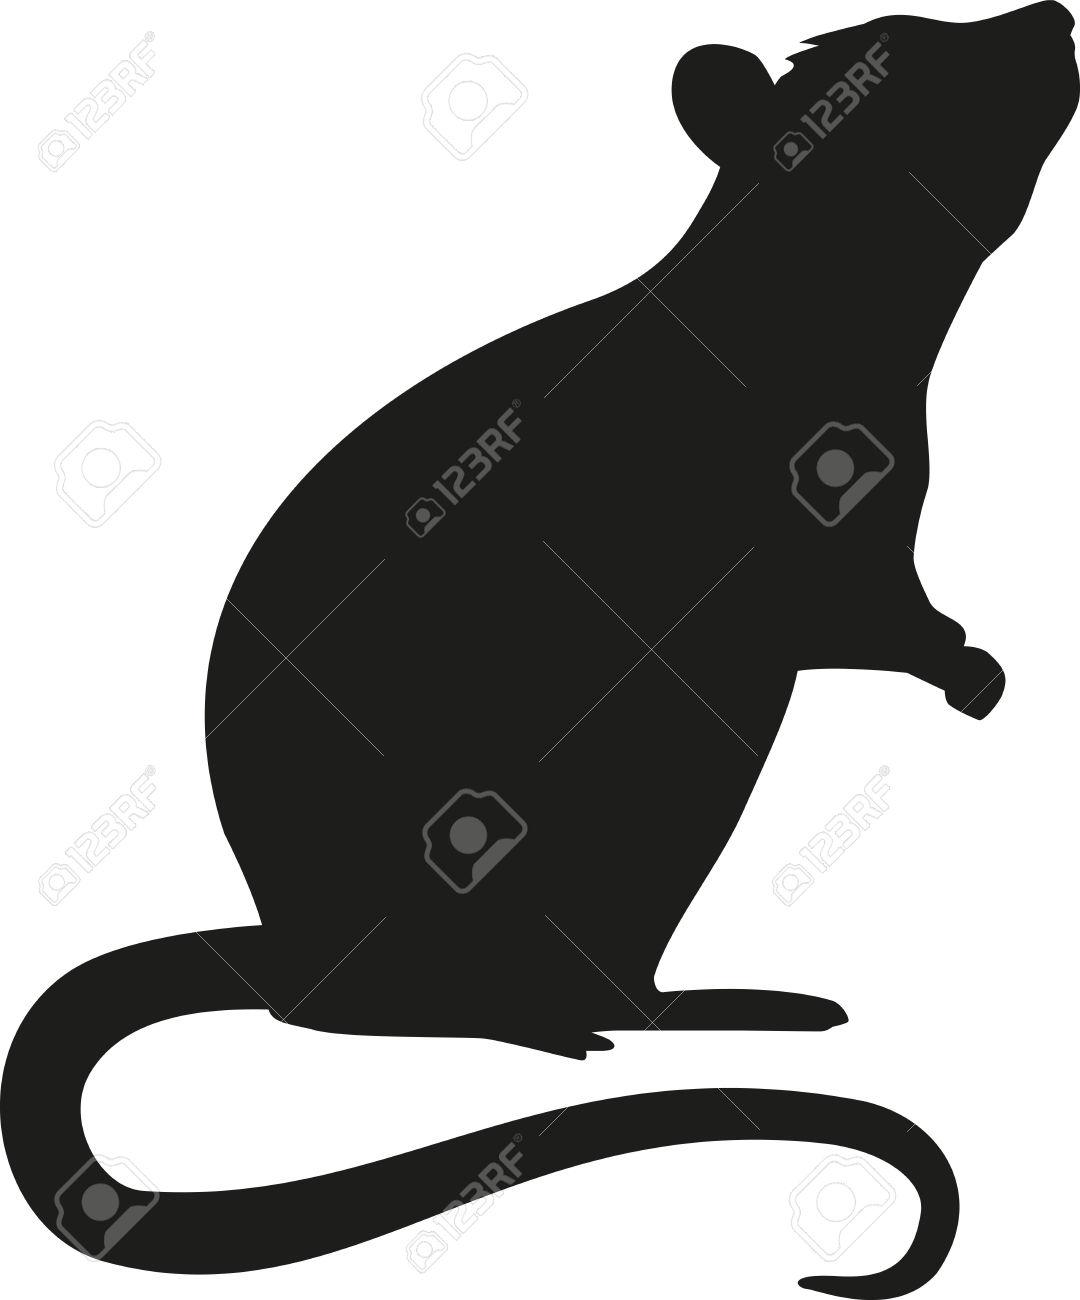 Rat Silhouette